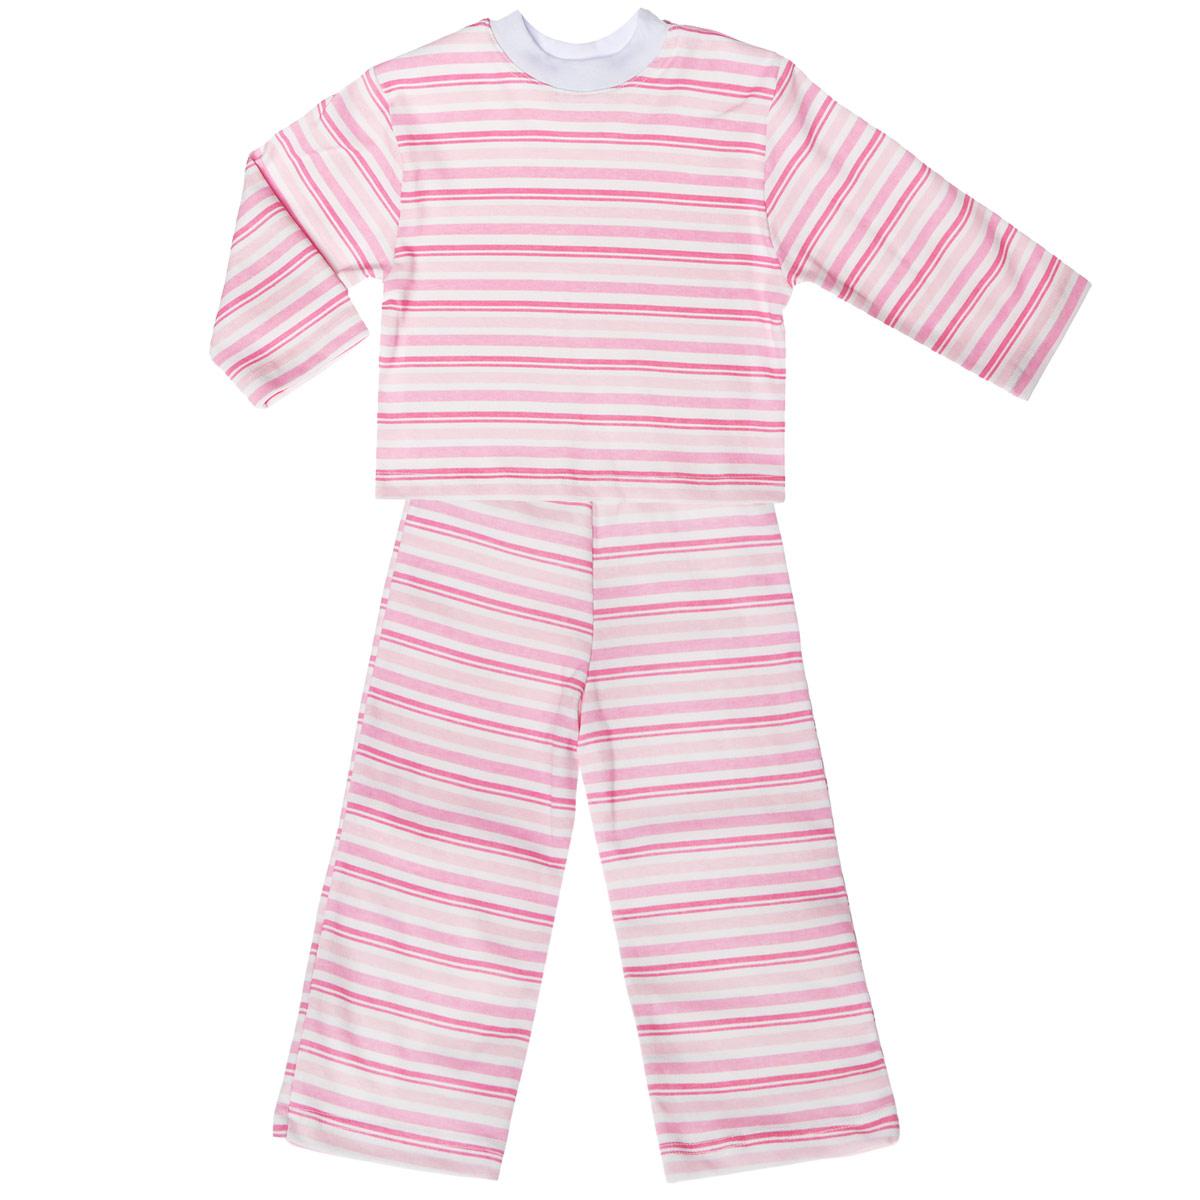 Пижама детская Трон-плюс, цвет: розовый, белый. 5584_полоска. Размер 110/116, 4-8 лет